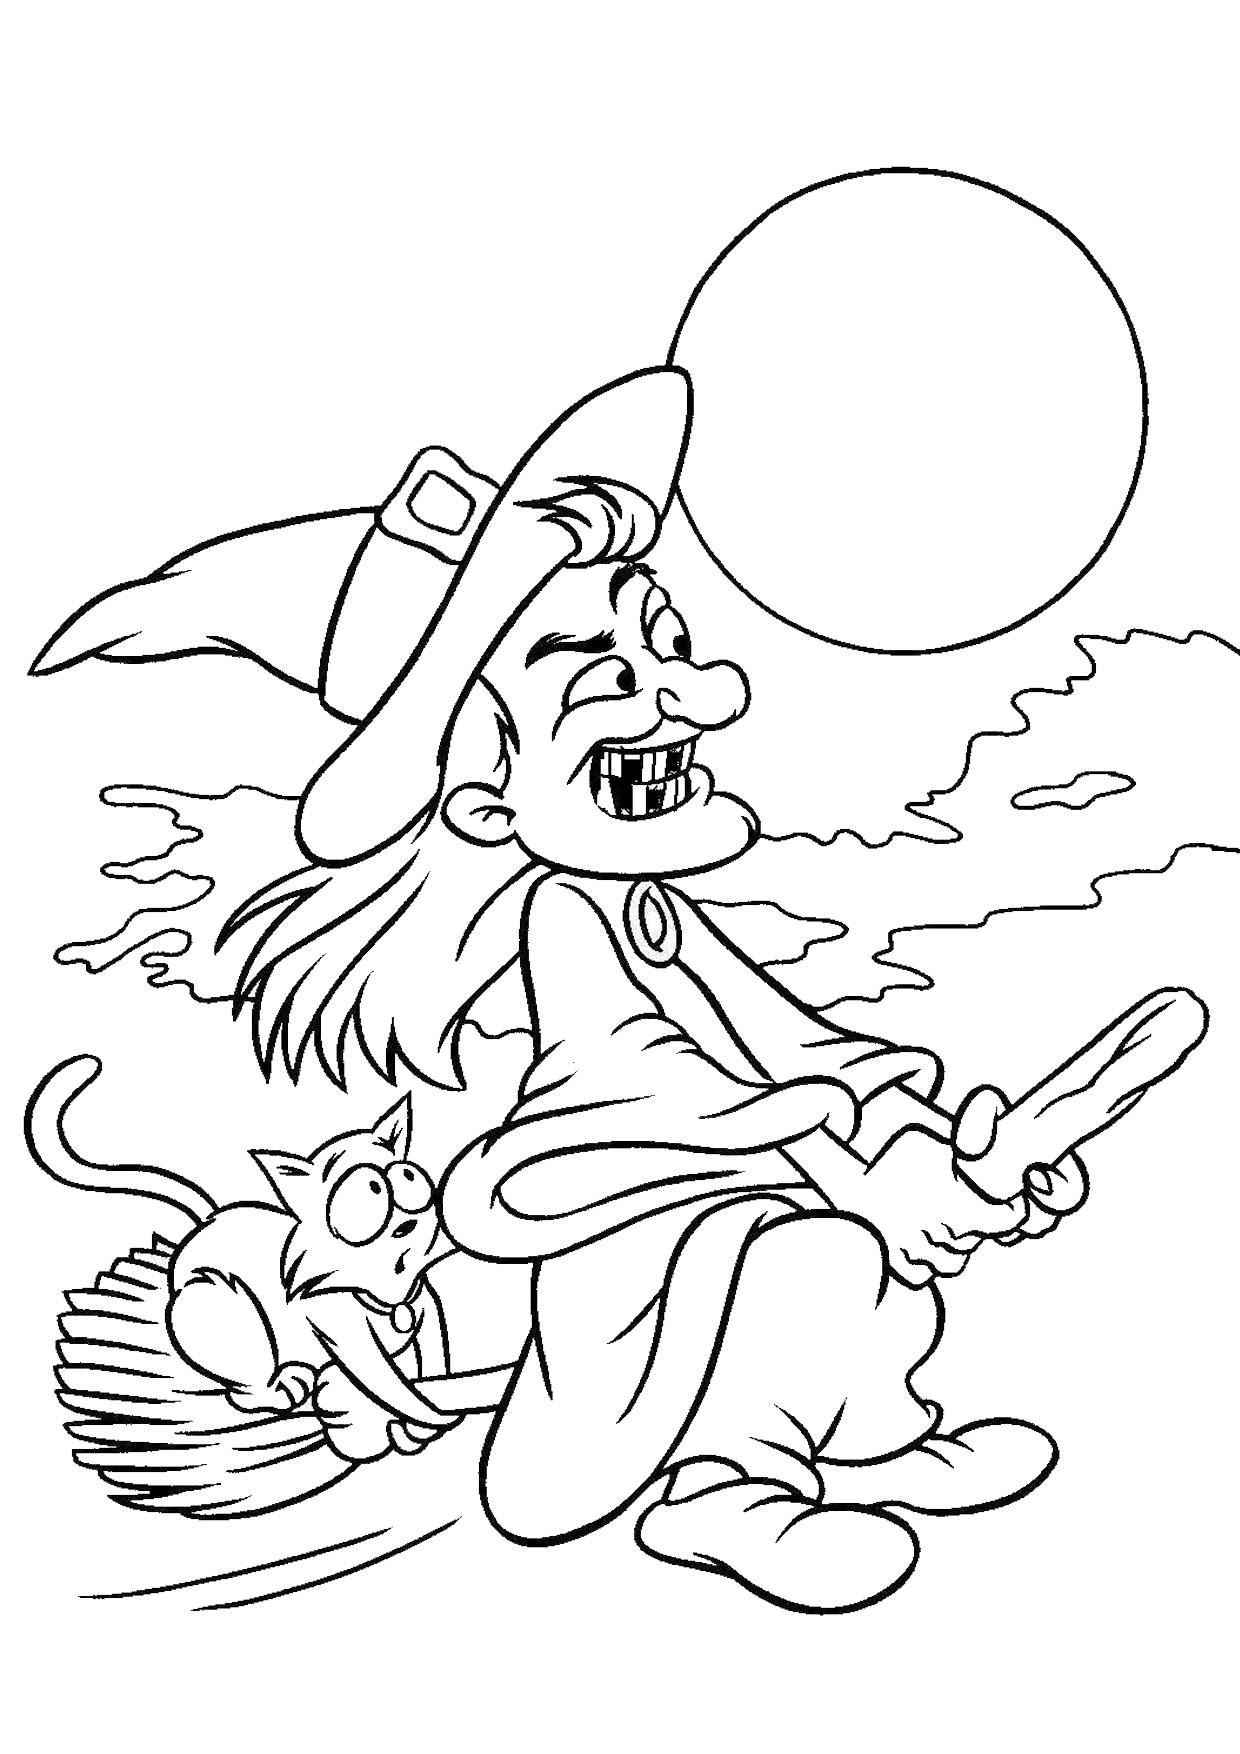 Disegno di strega da colorare 13